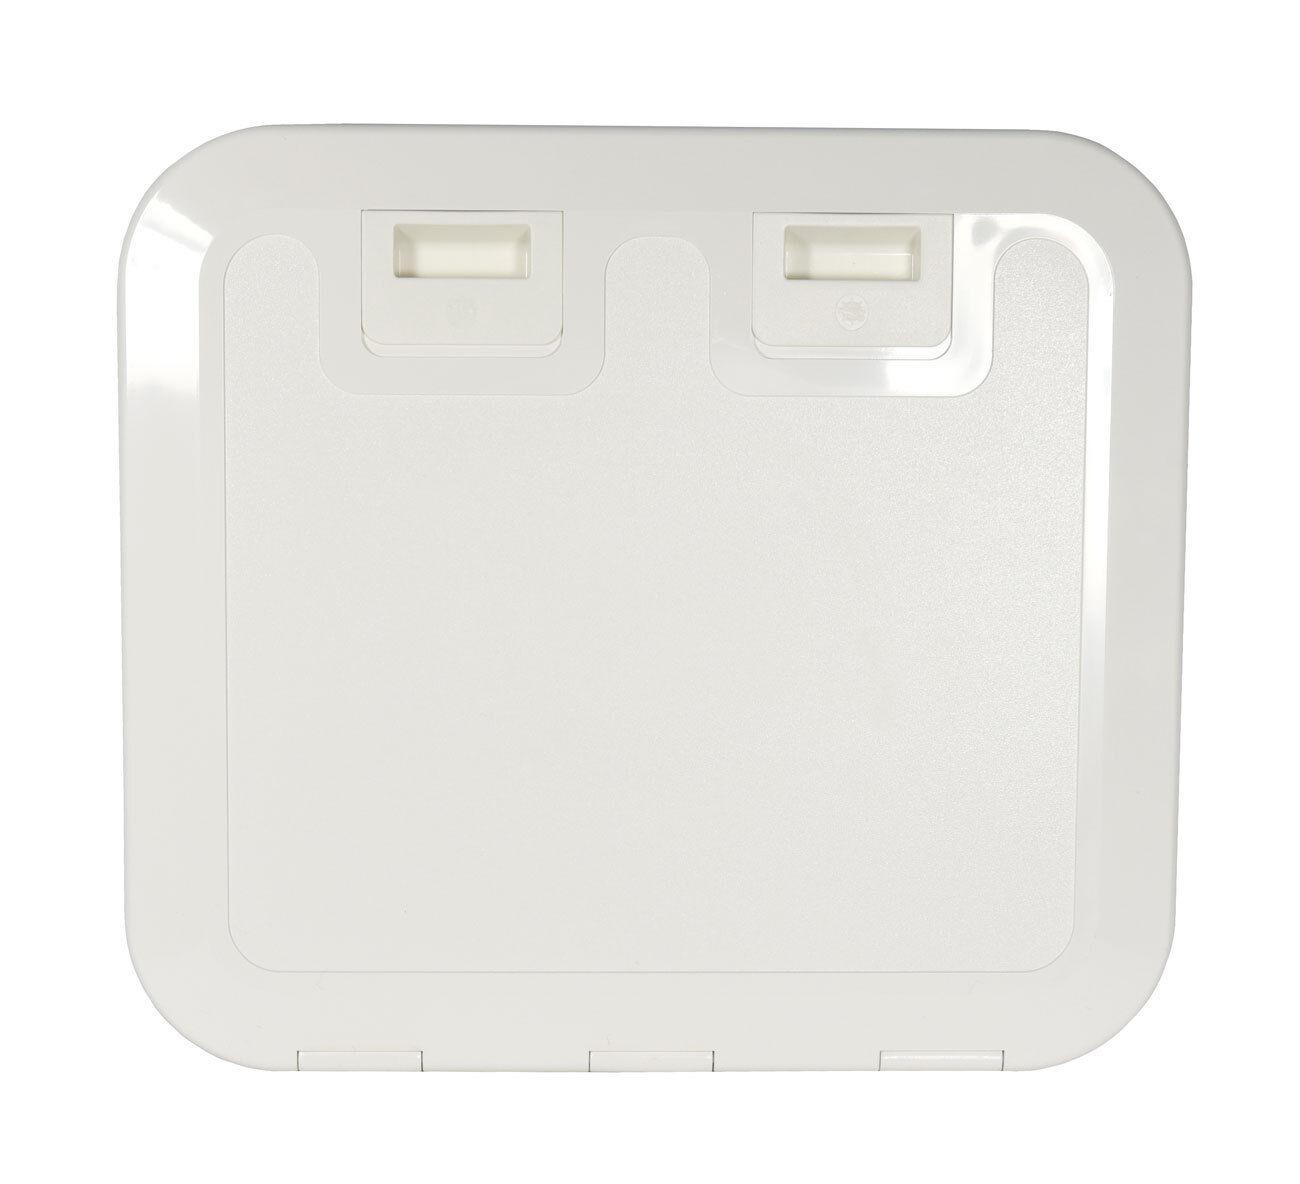 Osculati Kunststoff Inspektions-Luke 520x465mm weiß oder creme Luke Stiefel Stiefel Stiefel Klappe 61010c